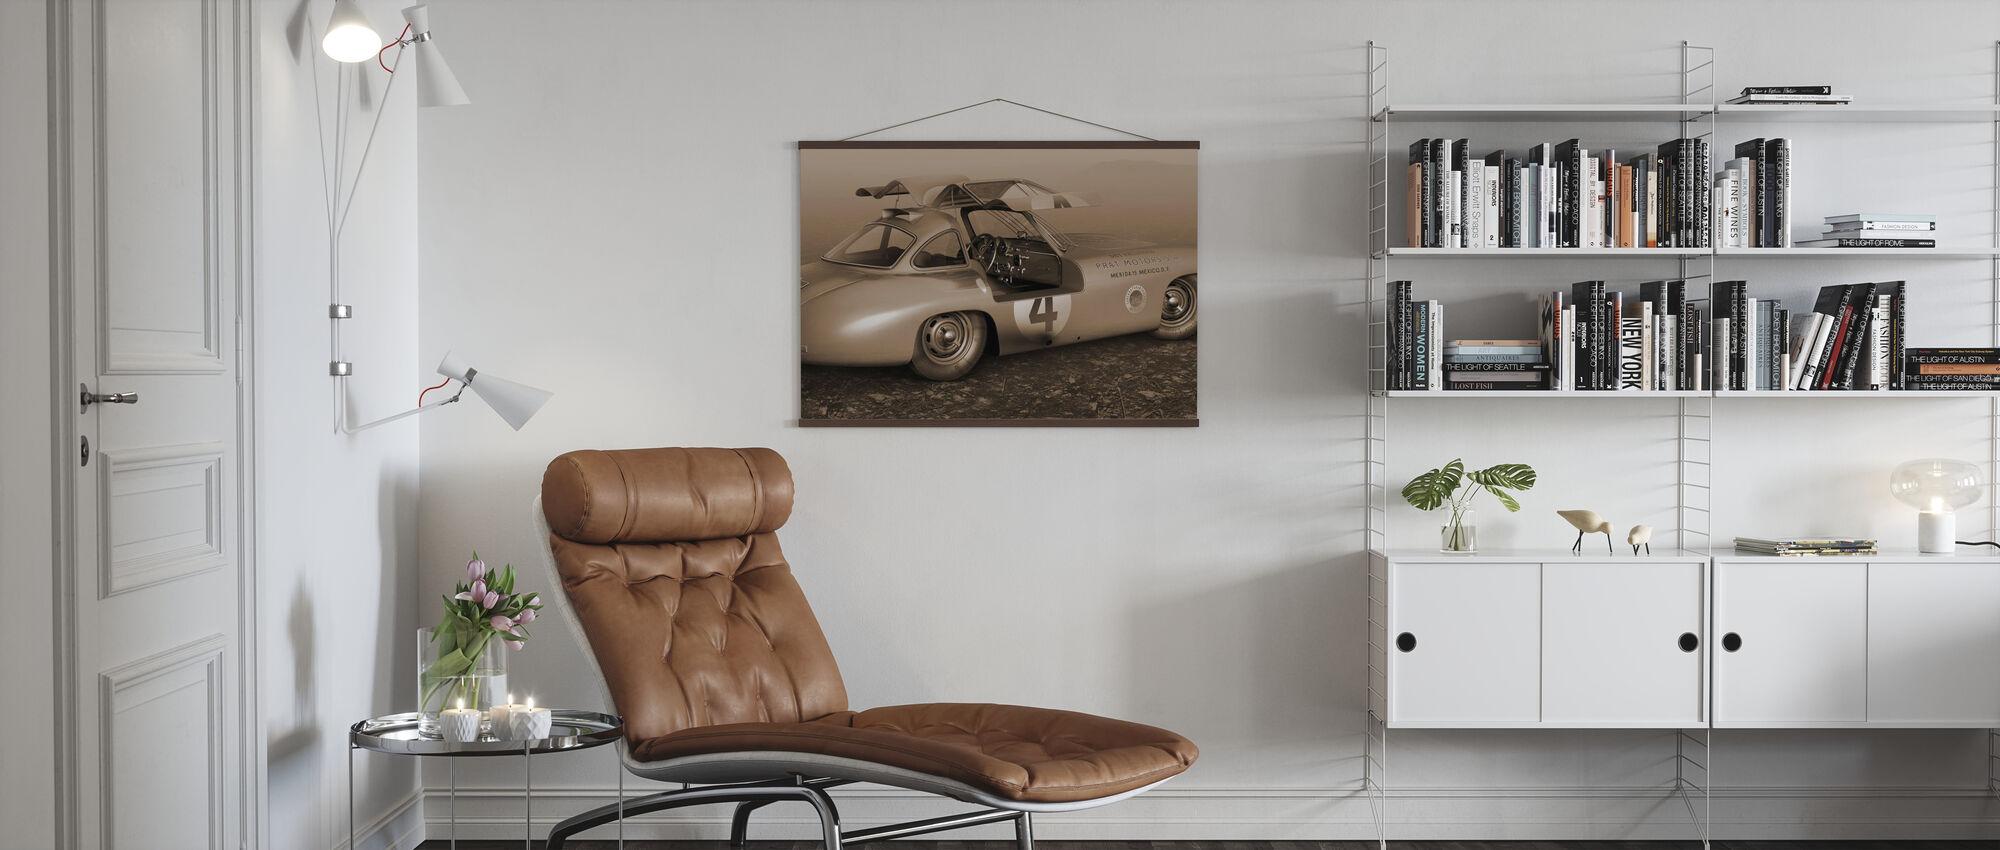 C Pan-American Sepia - Poster - Living Room